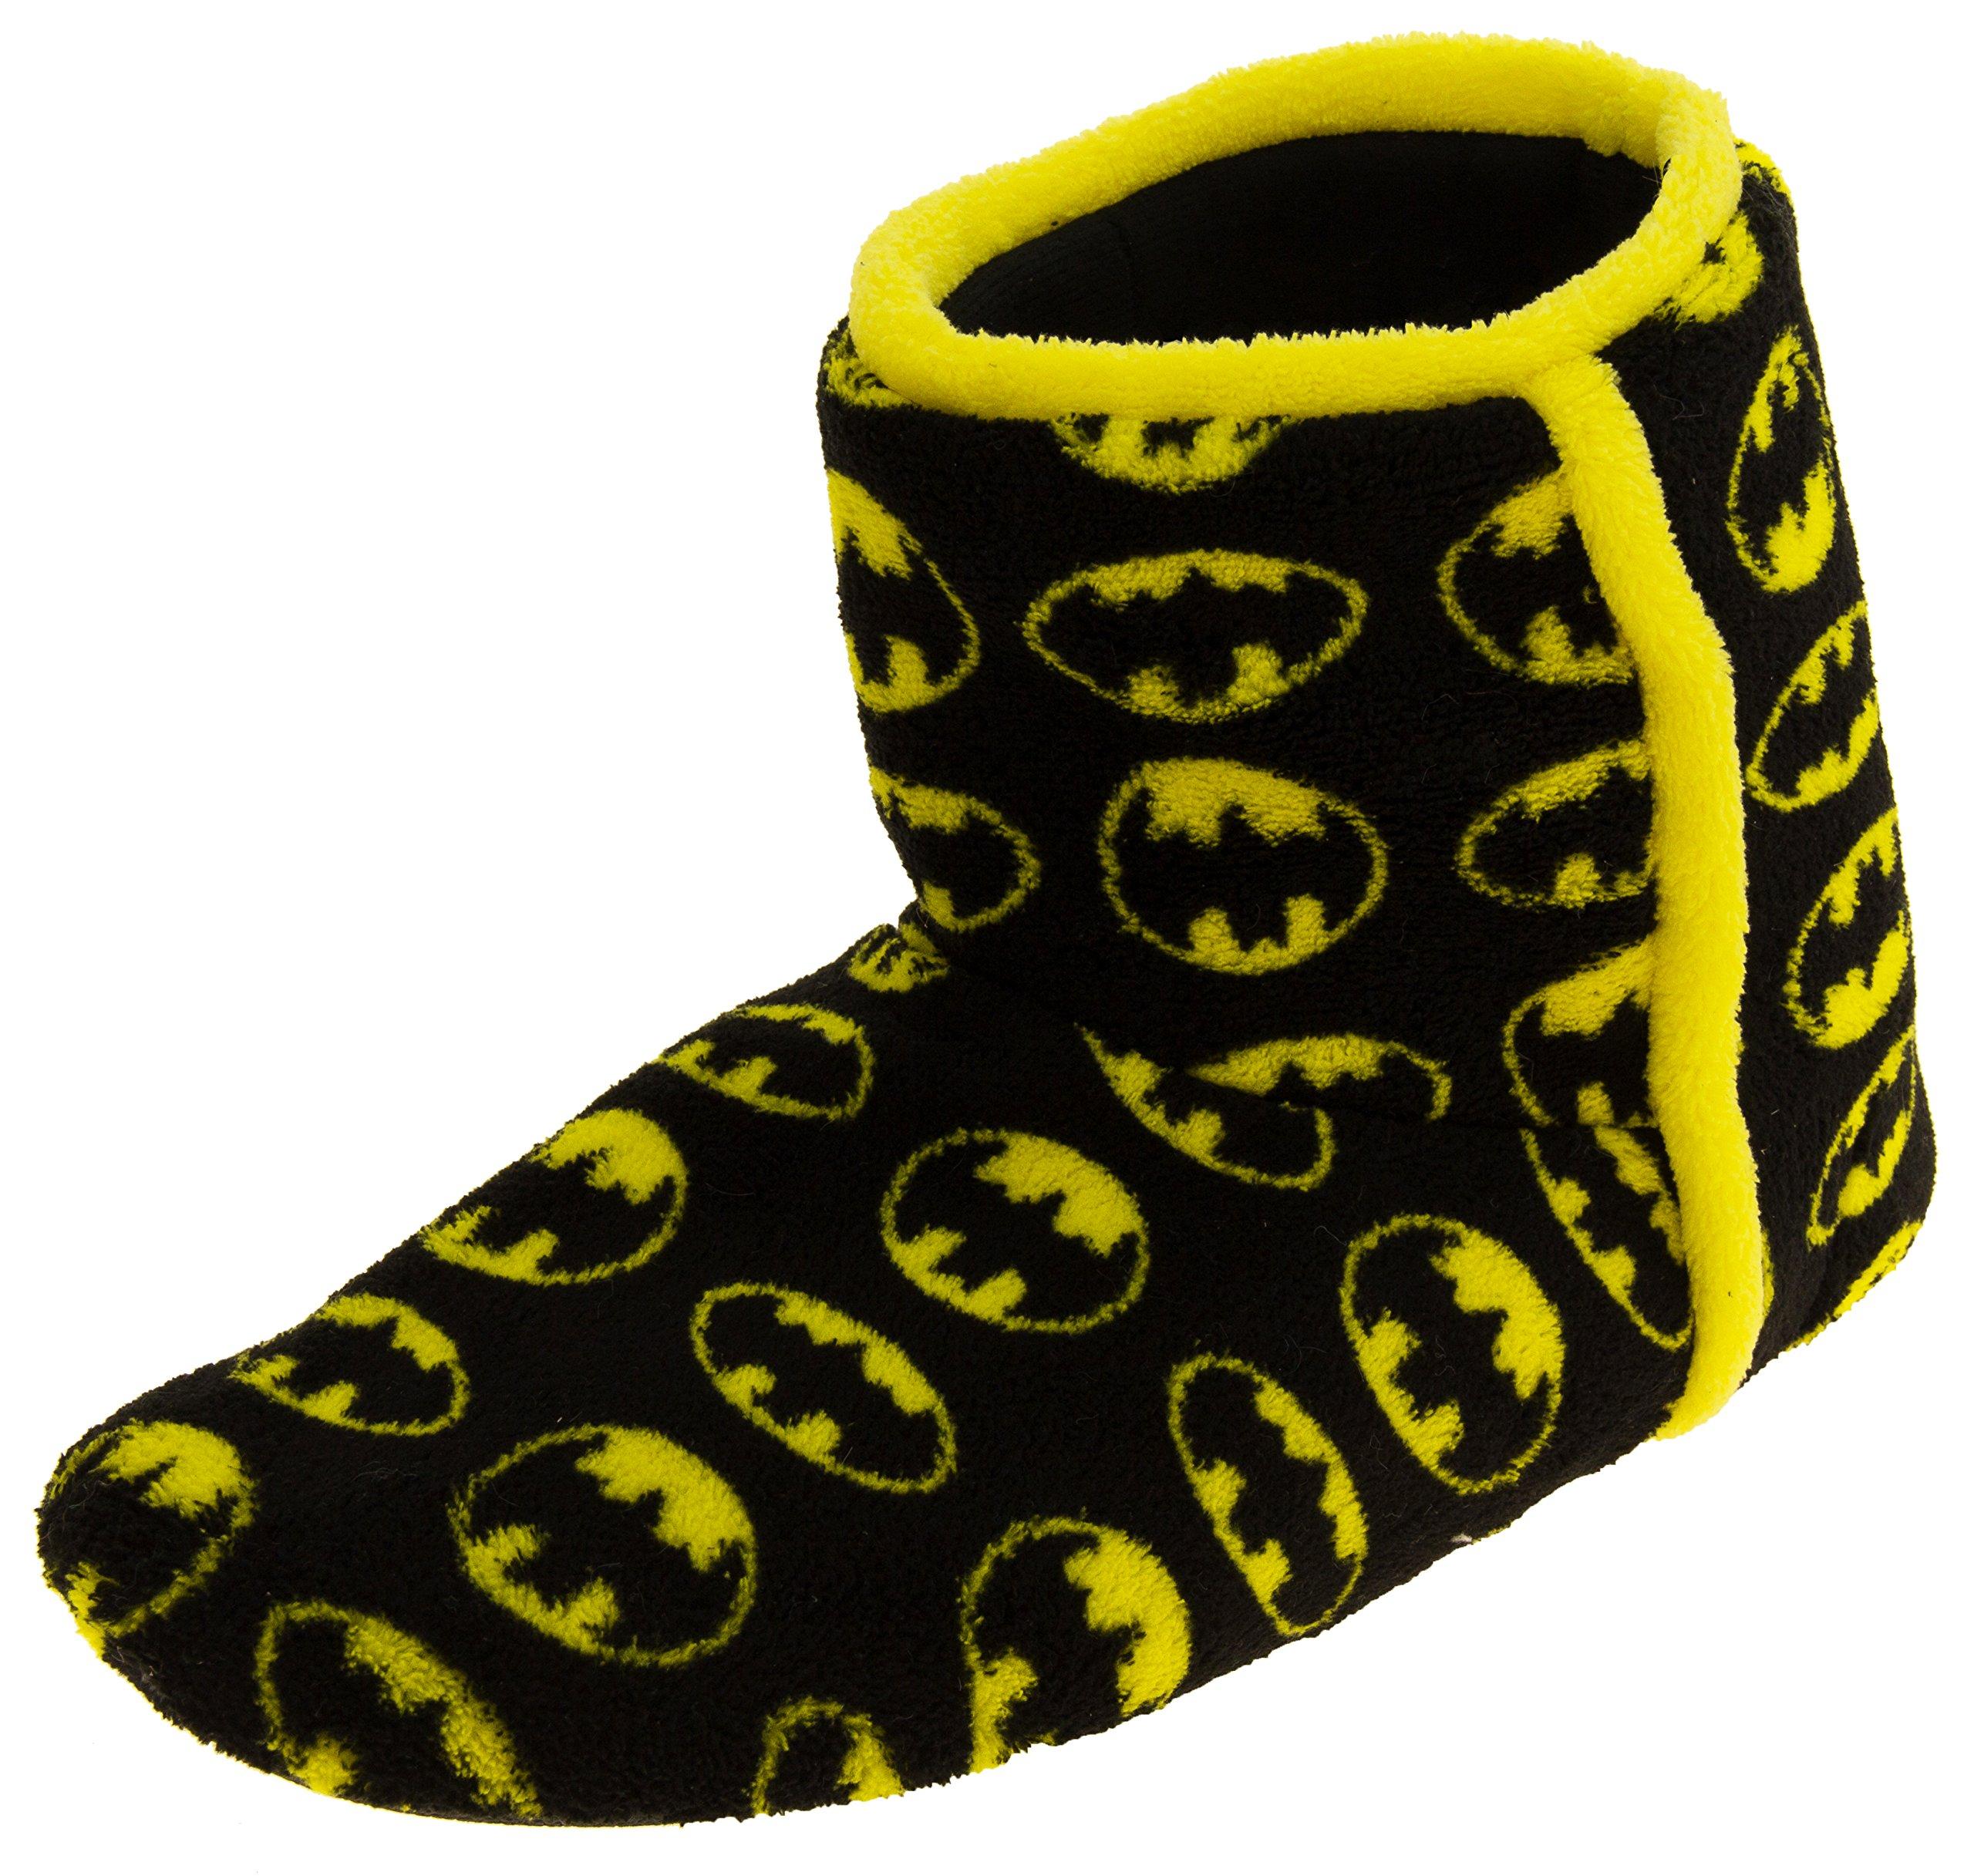 DC Comics Mens Batman Black Textile Fleece Warm Boot Slippers US 8